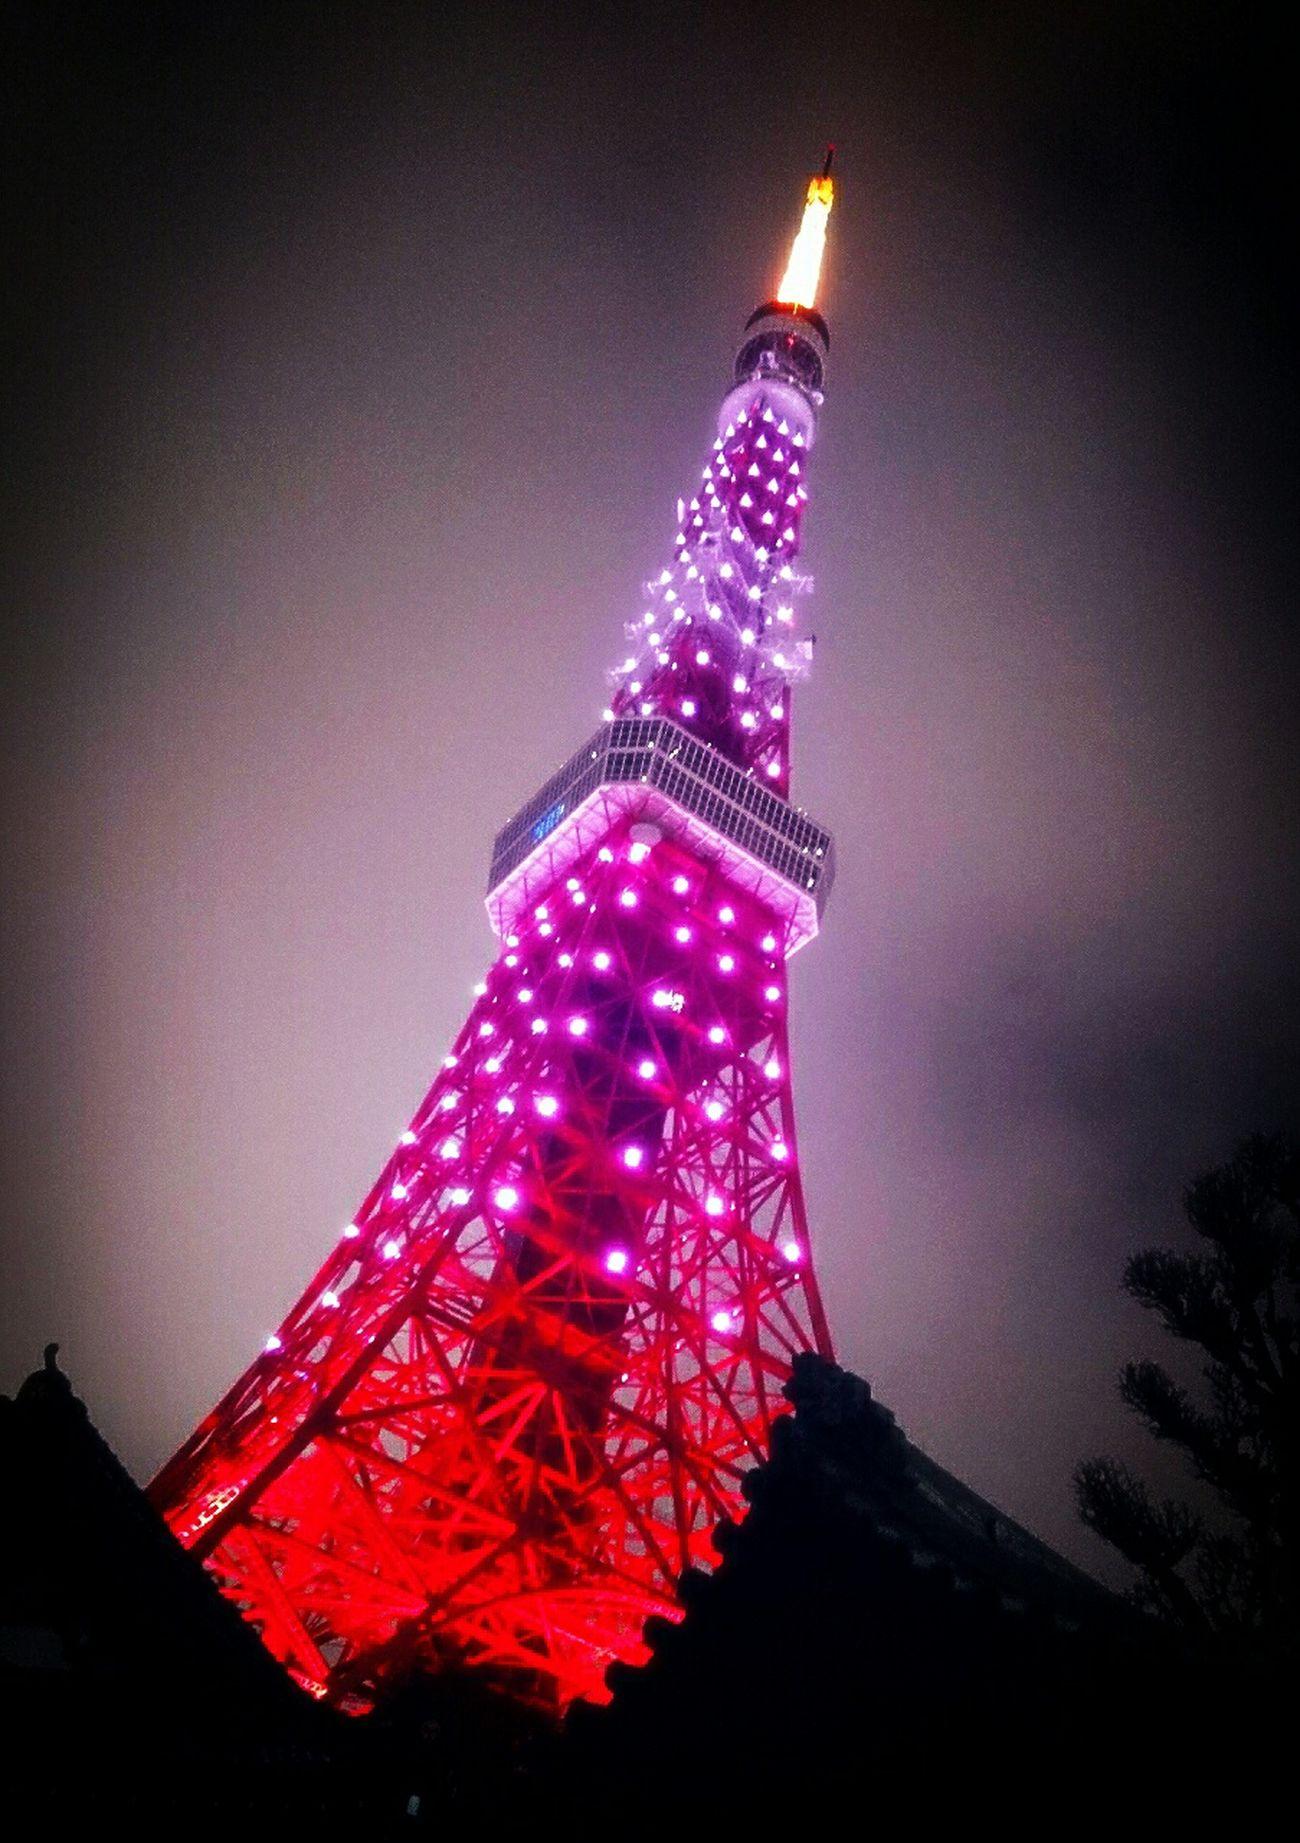 サクラ咲く 東京タワー 応援 今日はサクラ色のタワー?